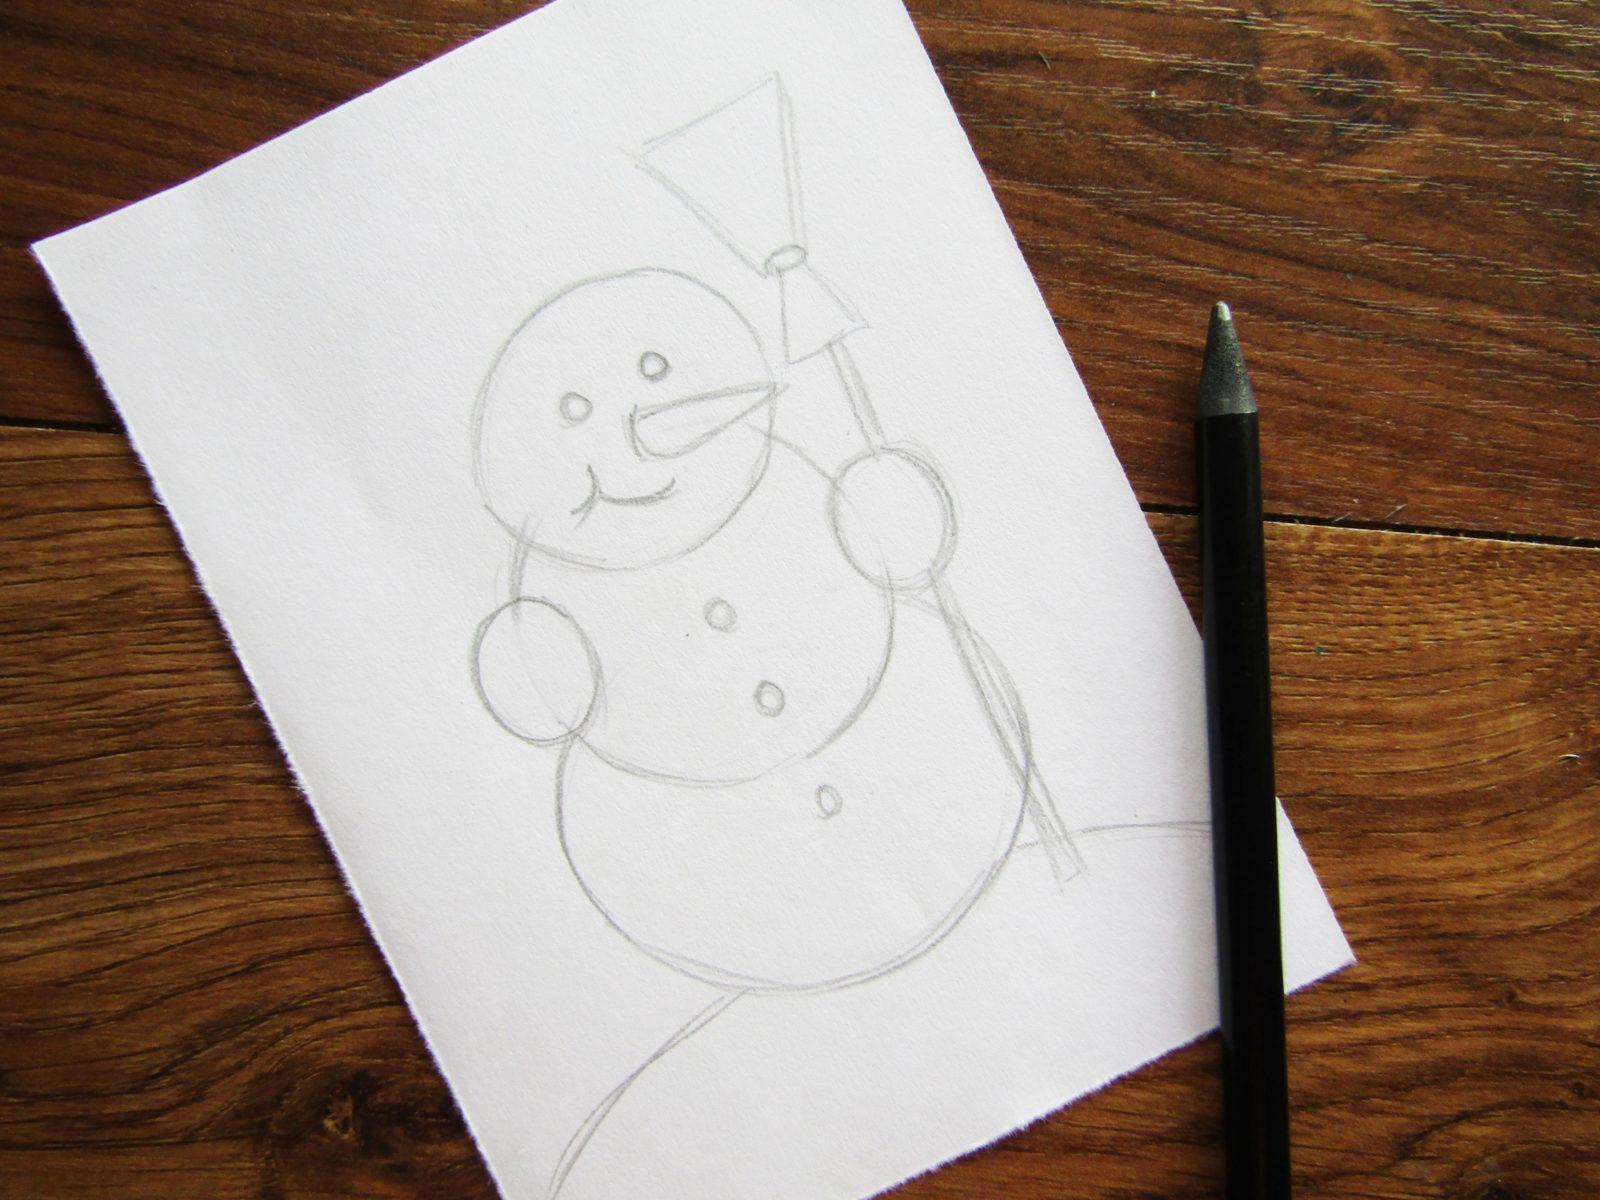 Как нарисовать снеговика гуашью - 4